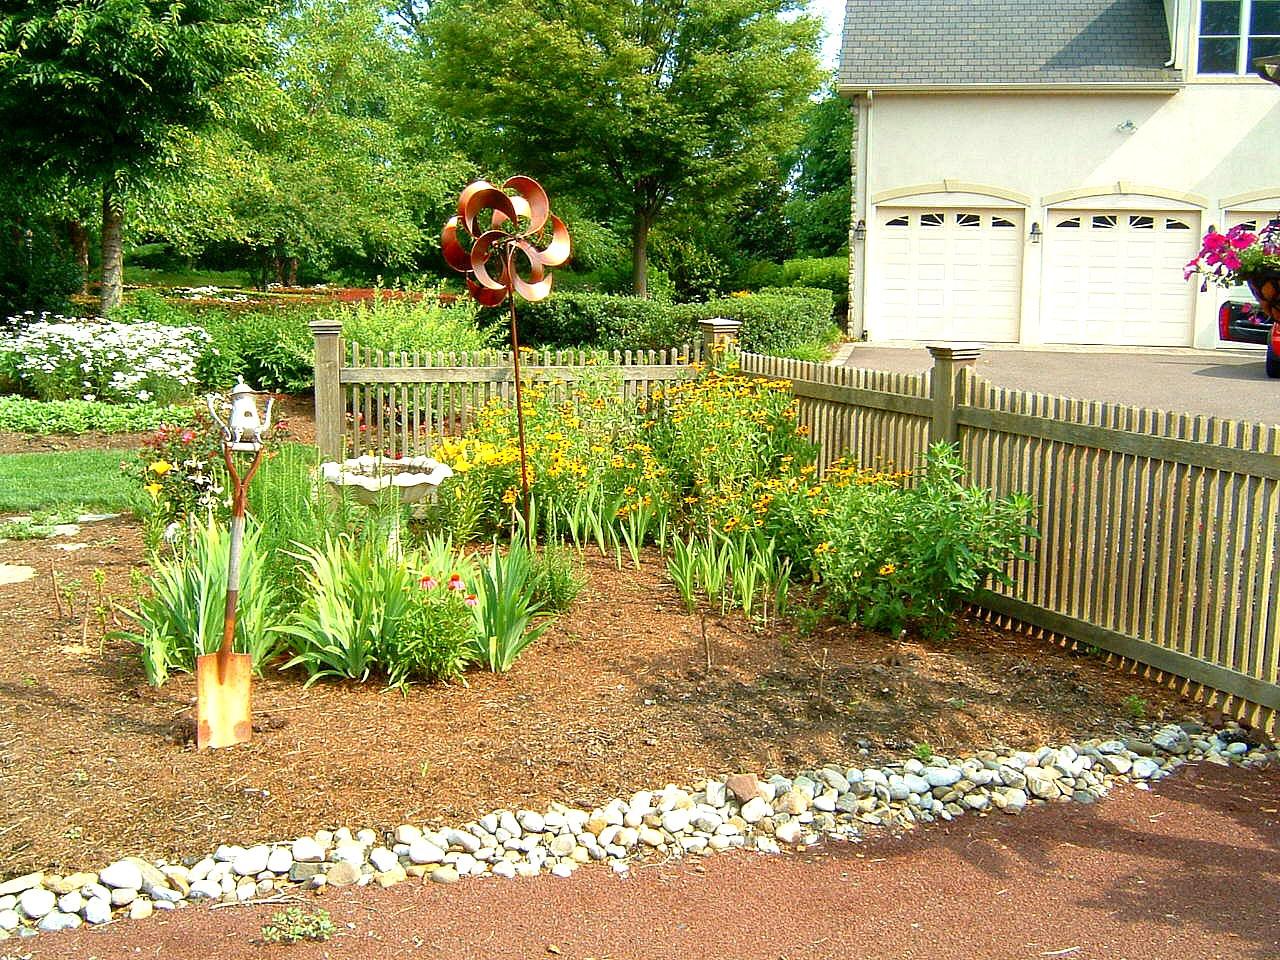 Garden with Sculpture